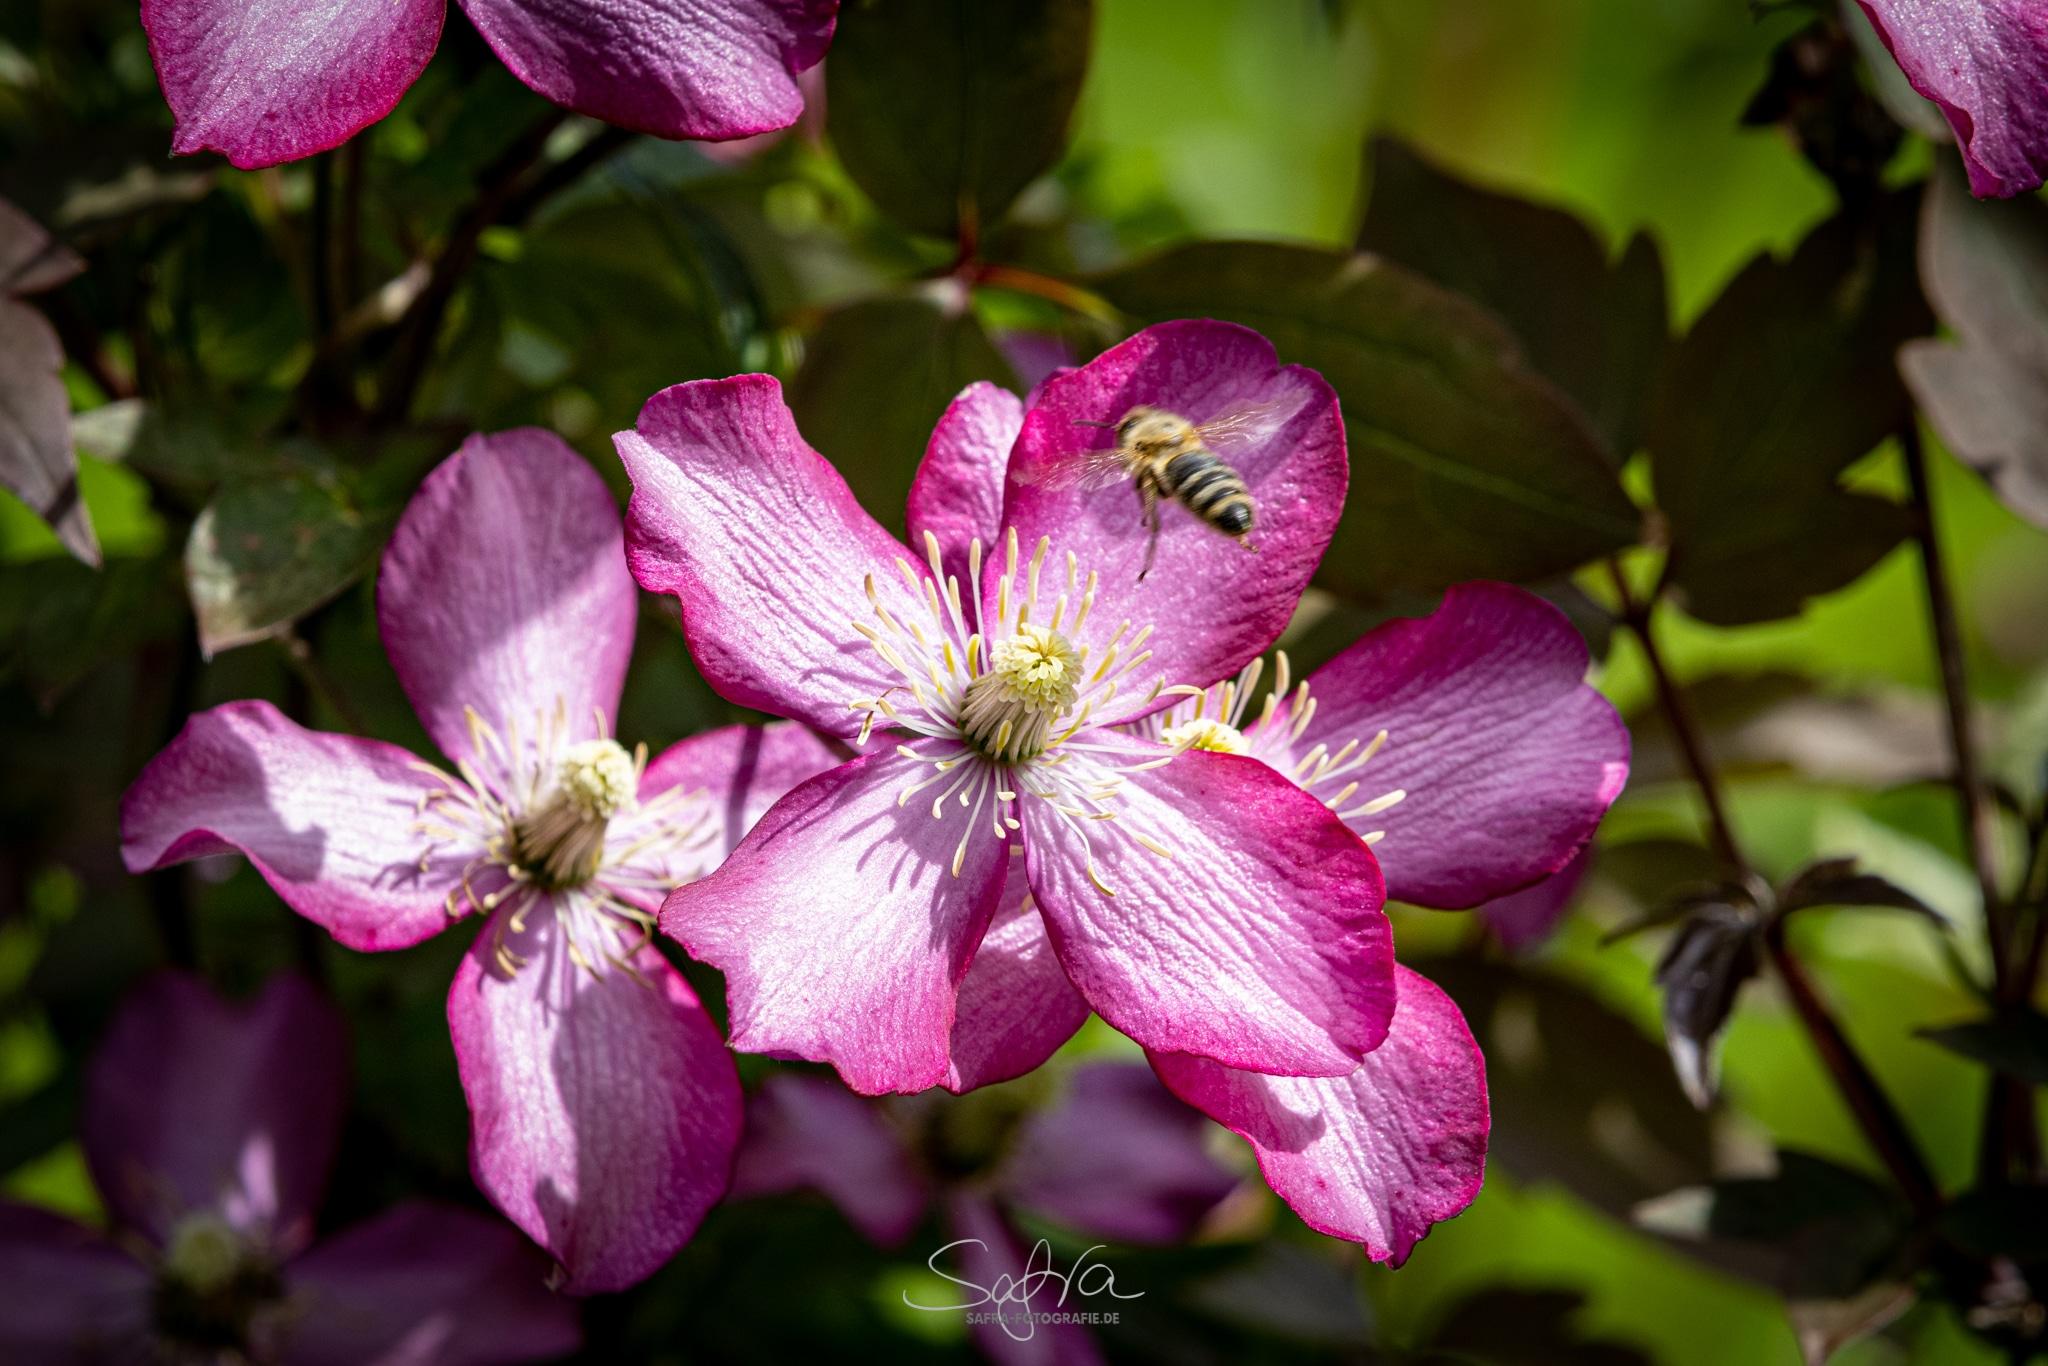 Safra-Fotografie Garten